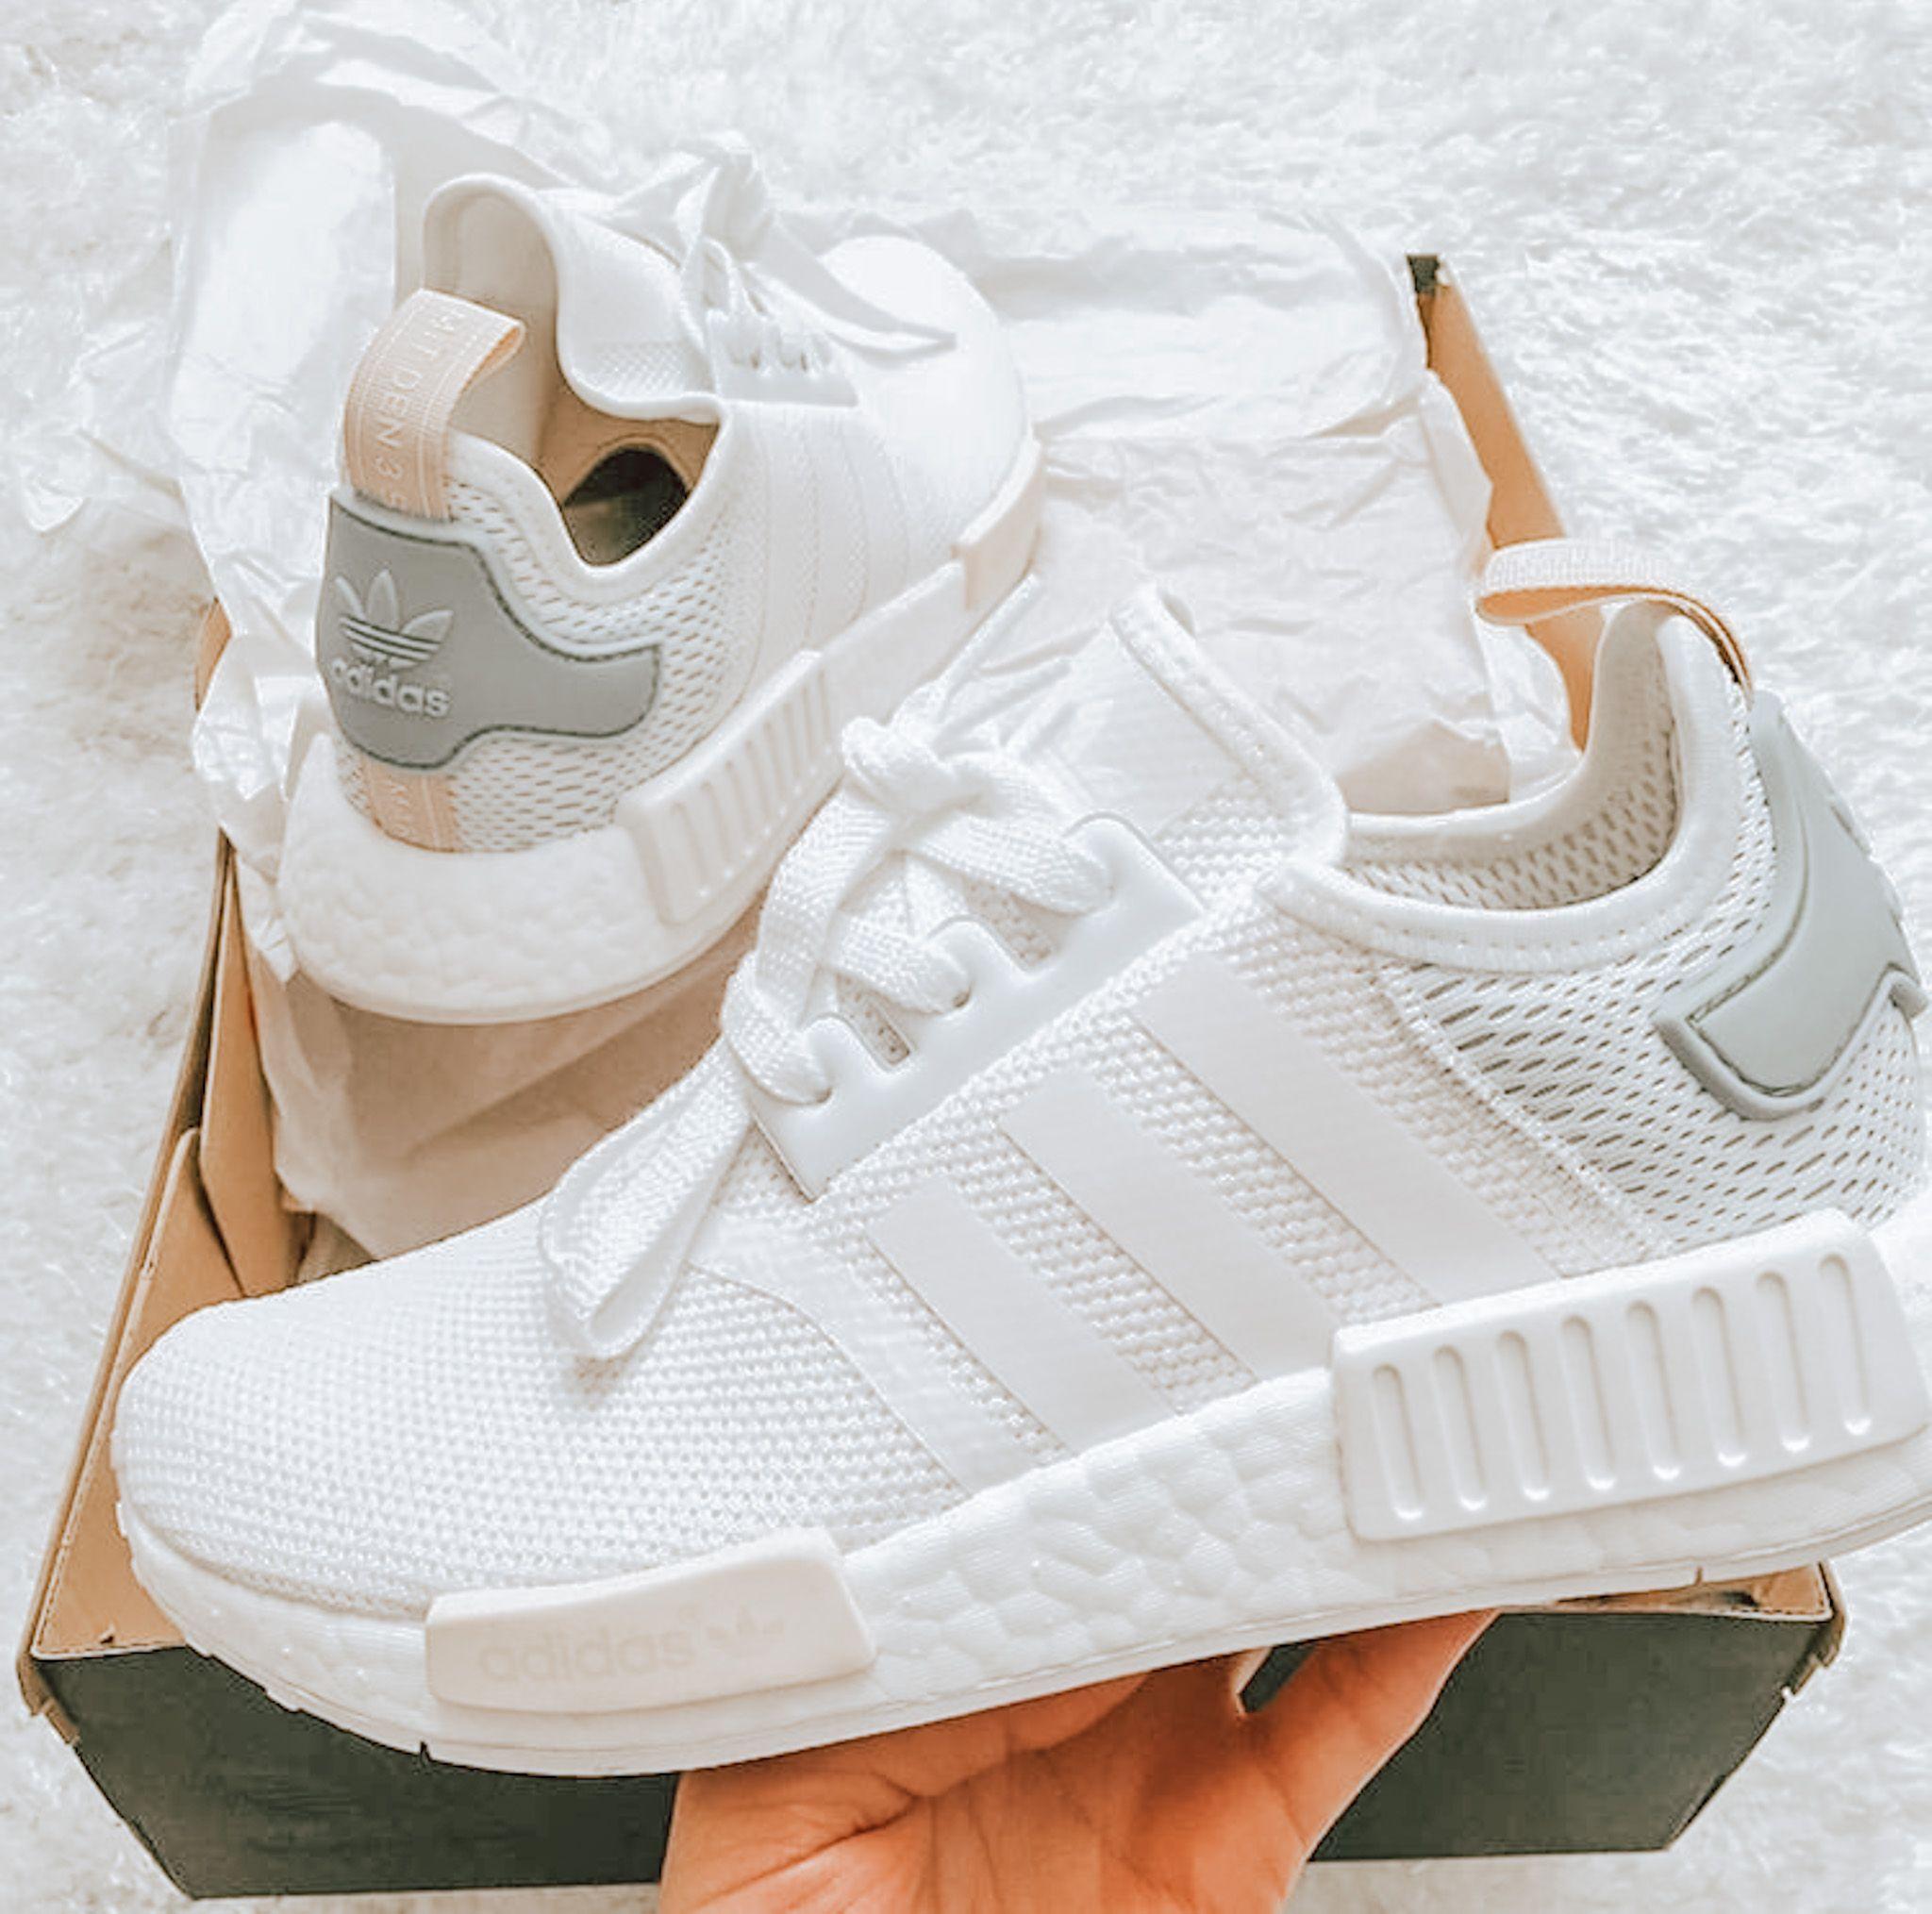 Pin By Helen Asimako On Kicks In 2020 Jordan Shoes Girls White Nike Shoes Sock Shoes